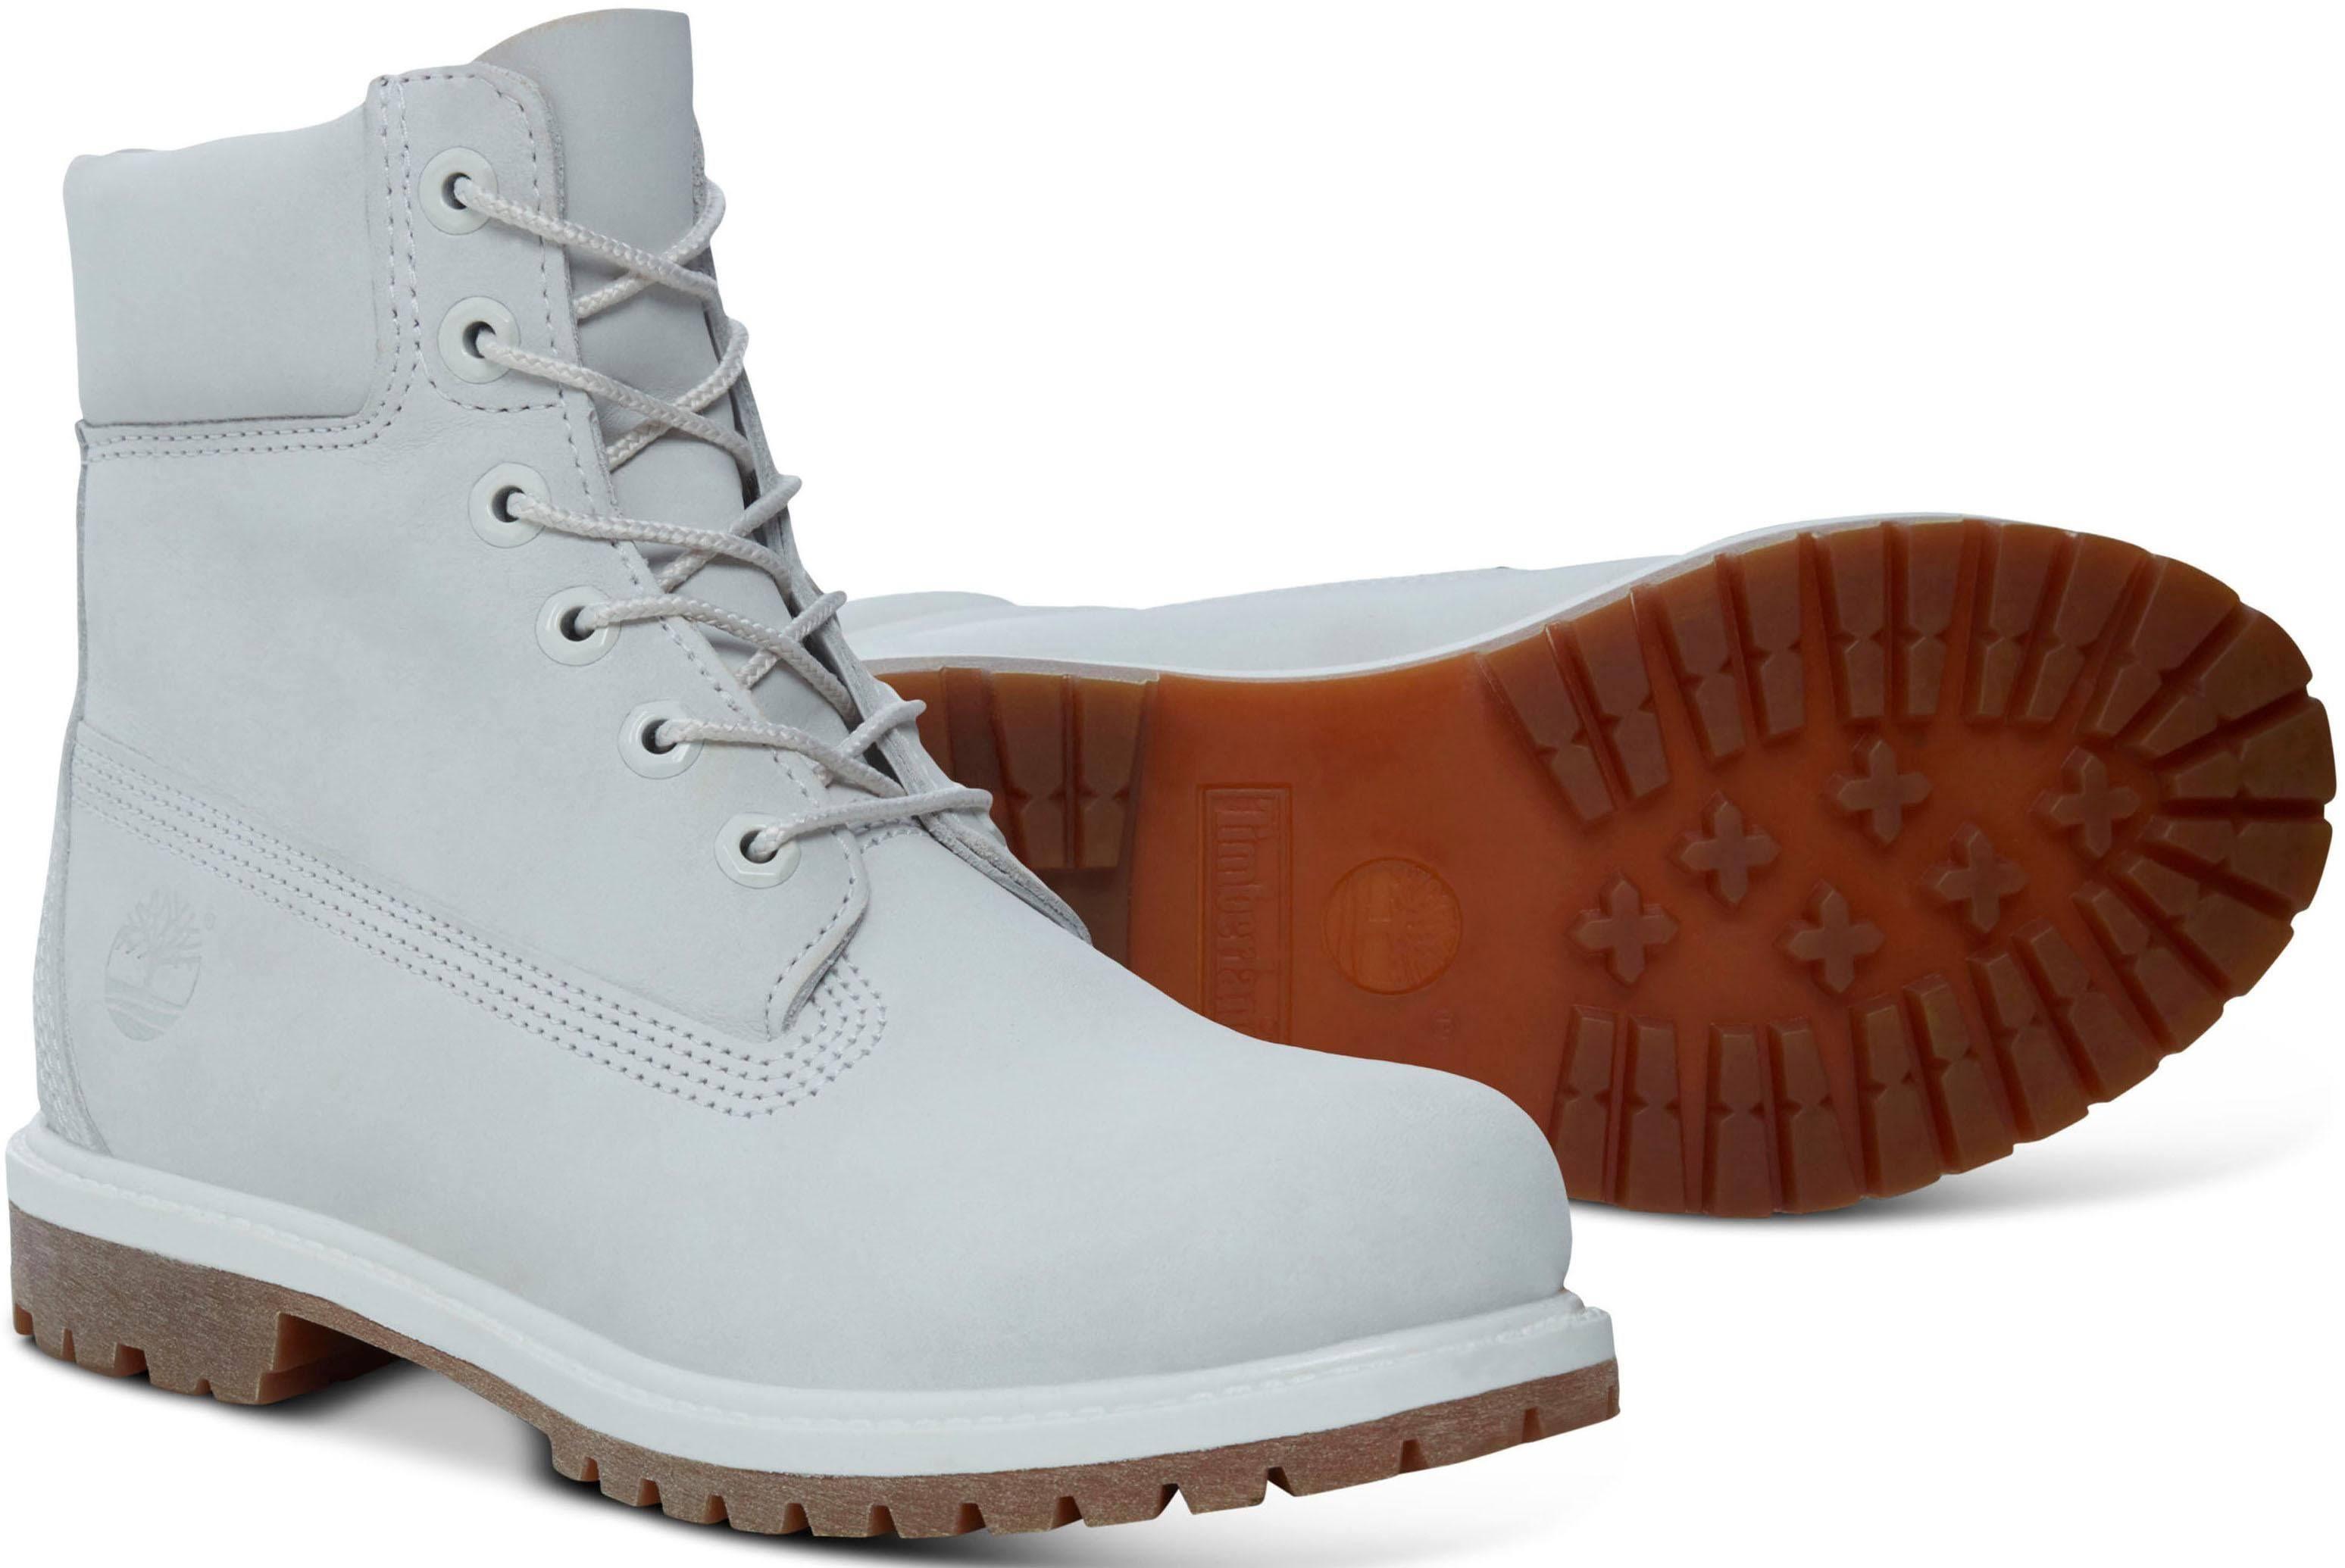 Premium Damen Boot Schuhe Größe Grey 36 Weiß 6in W Timberland Vaporous CxIOq5wZ